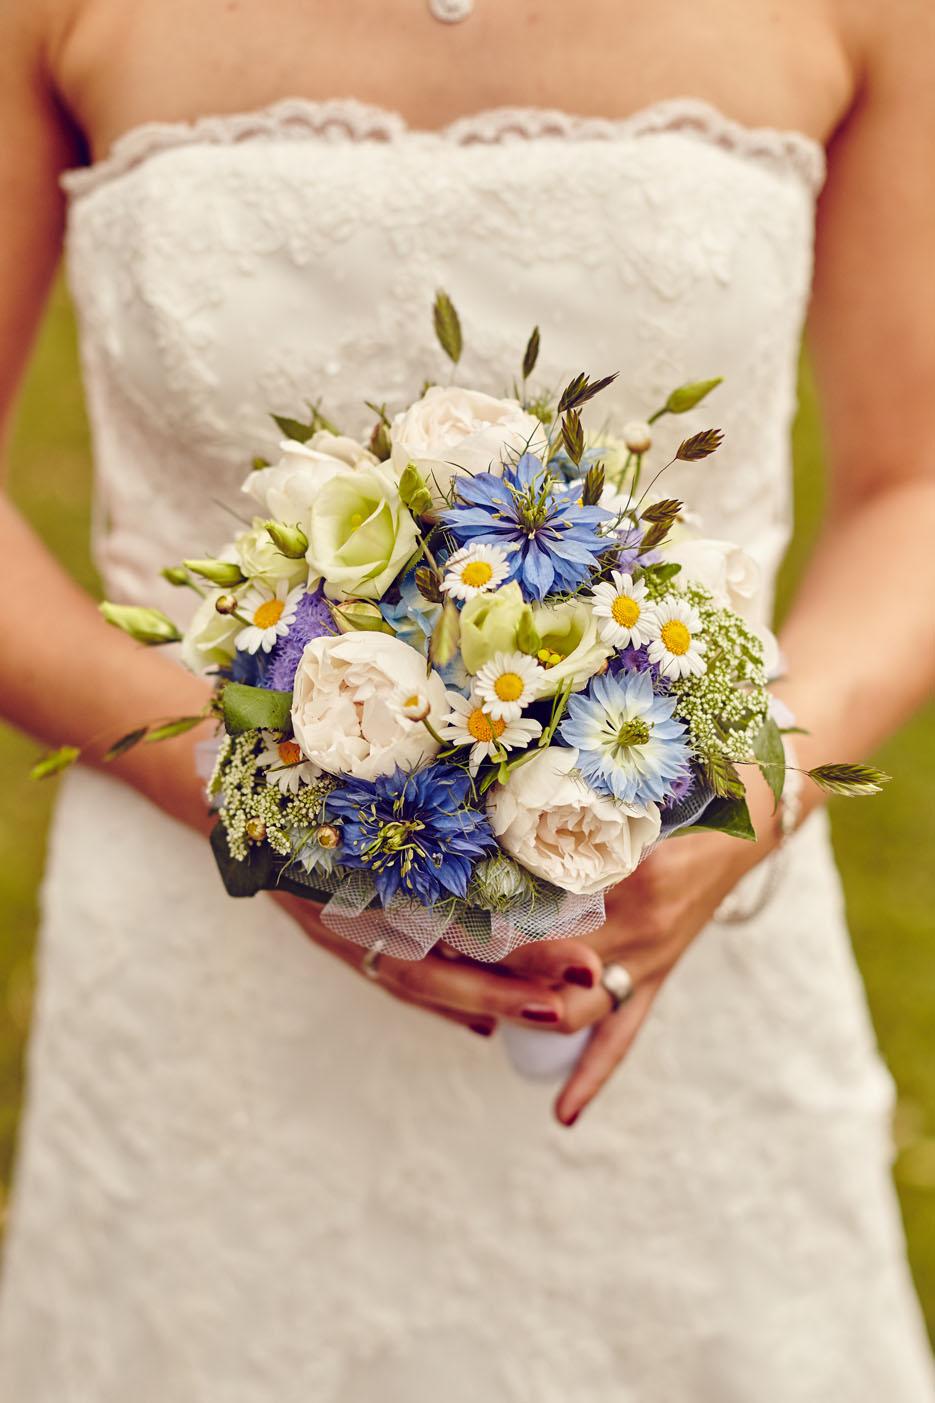 Wedding-Photography-Schweiz-Hochzeitsfotografen-2-1